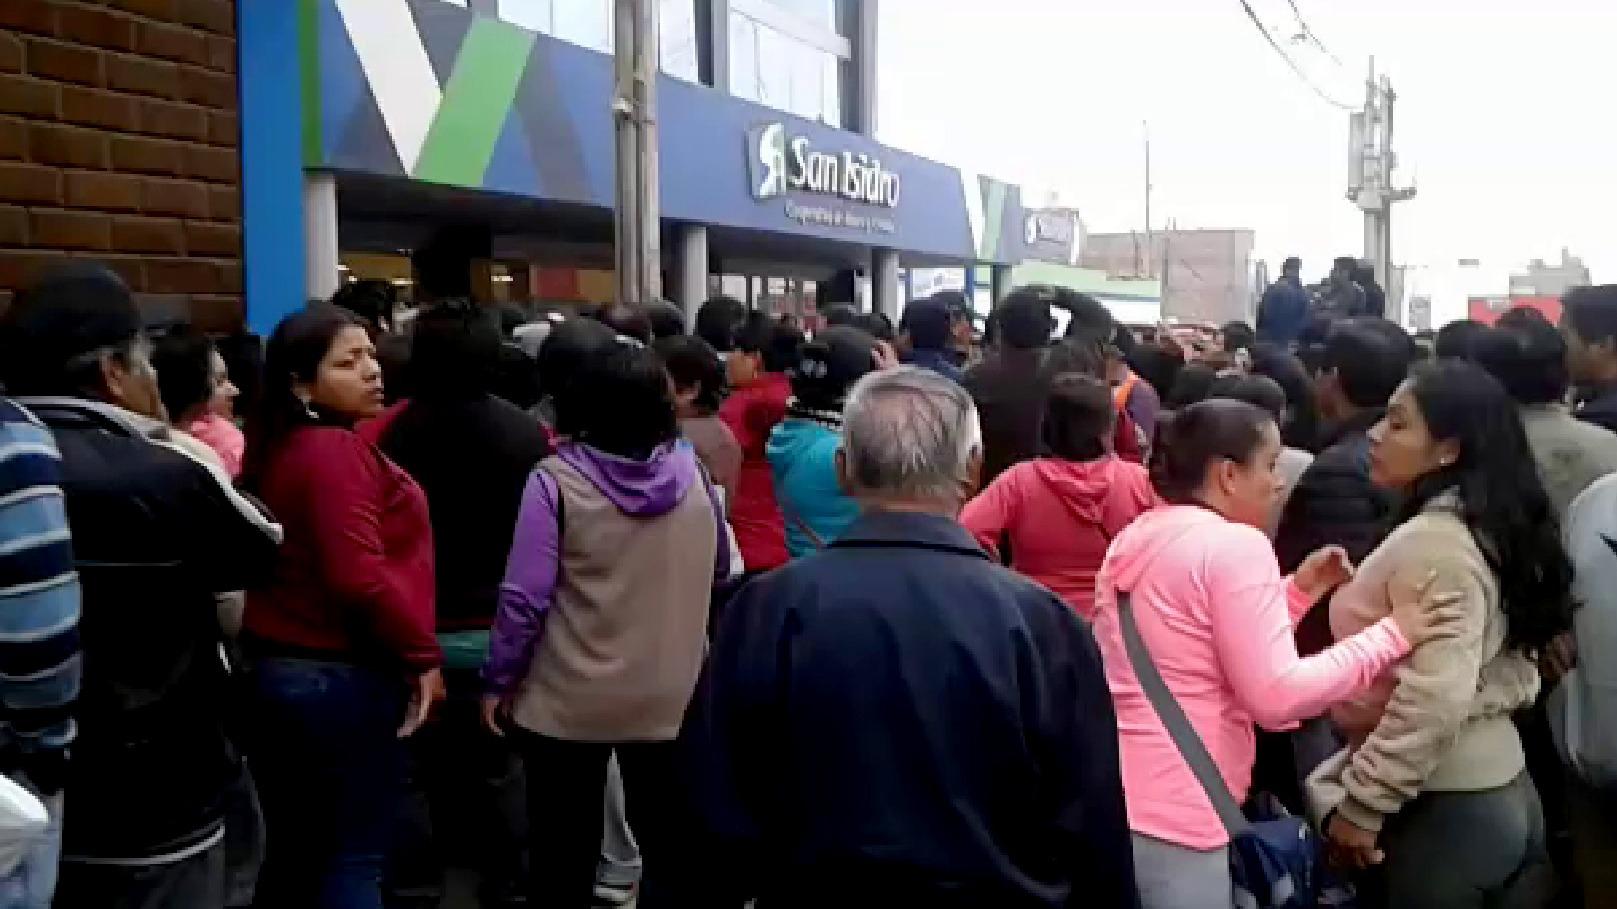 El gerente general de la Cooperativa San Isidro, Jorge Zevallos, manifestó que no están inmersos en delitos de lavado de activos y que tienen más de 60 años de trayectoria financiera intachable.